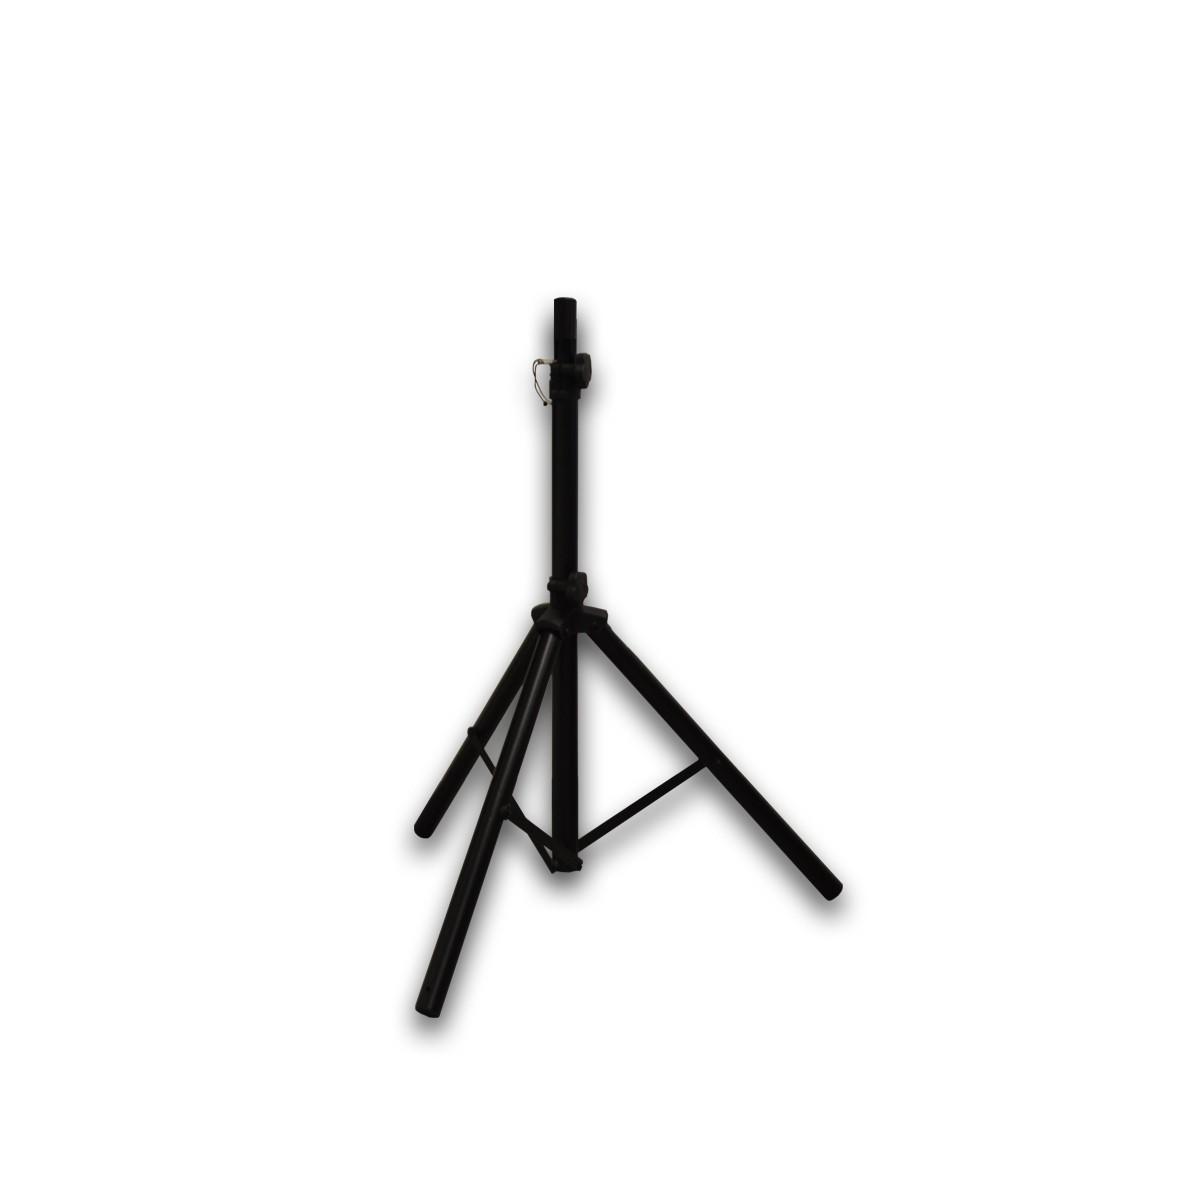 PremiumX Dreibein-Stativ BASIC SCHWARZ ALU Ø 32mm 120cm Schwarz SAT Tripod Ständer für Satellitenschüssel bis 85cm Balkon Camping inkl. 3x massive Stahl-Heringe